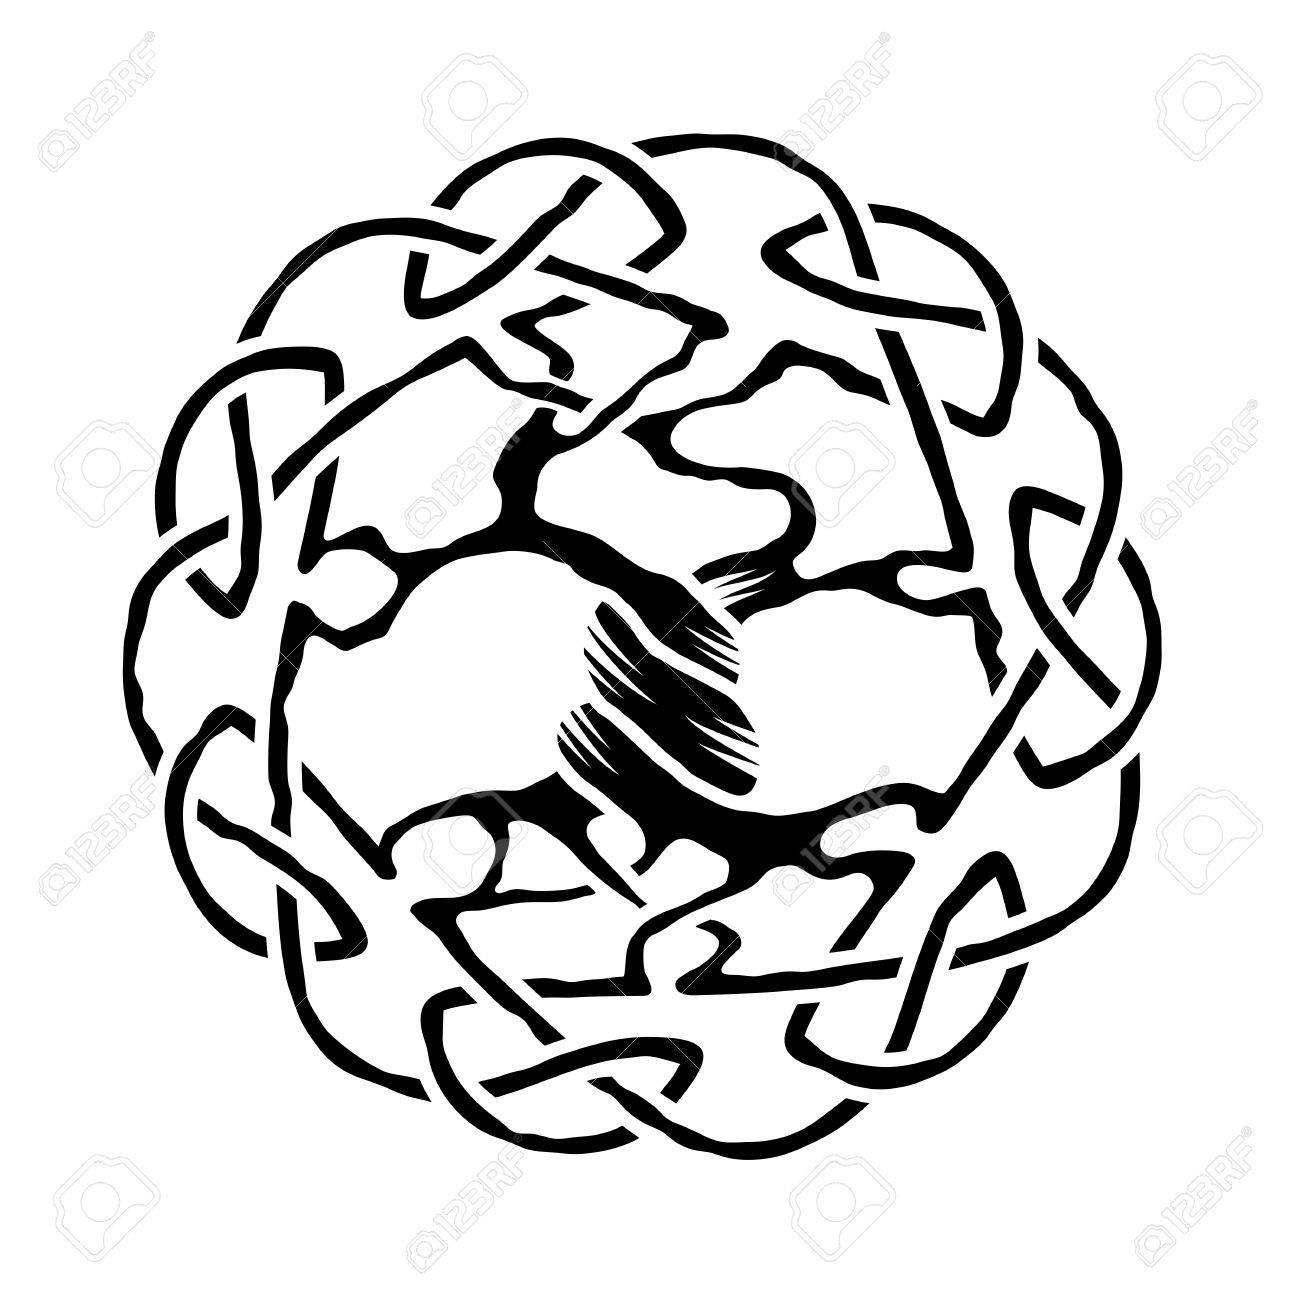 Ilustración Del árbol De La Vida Céltico Versión En Blanco Y Negro